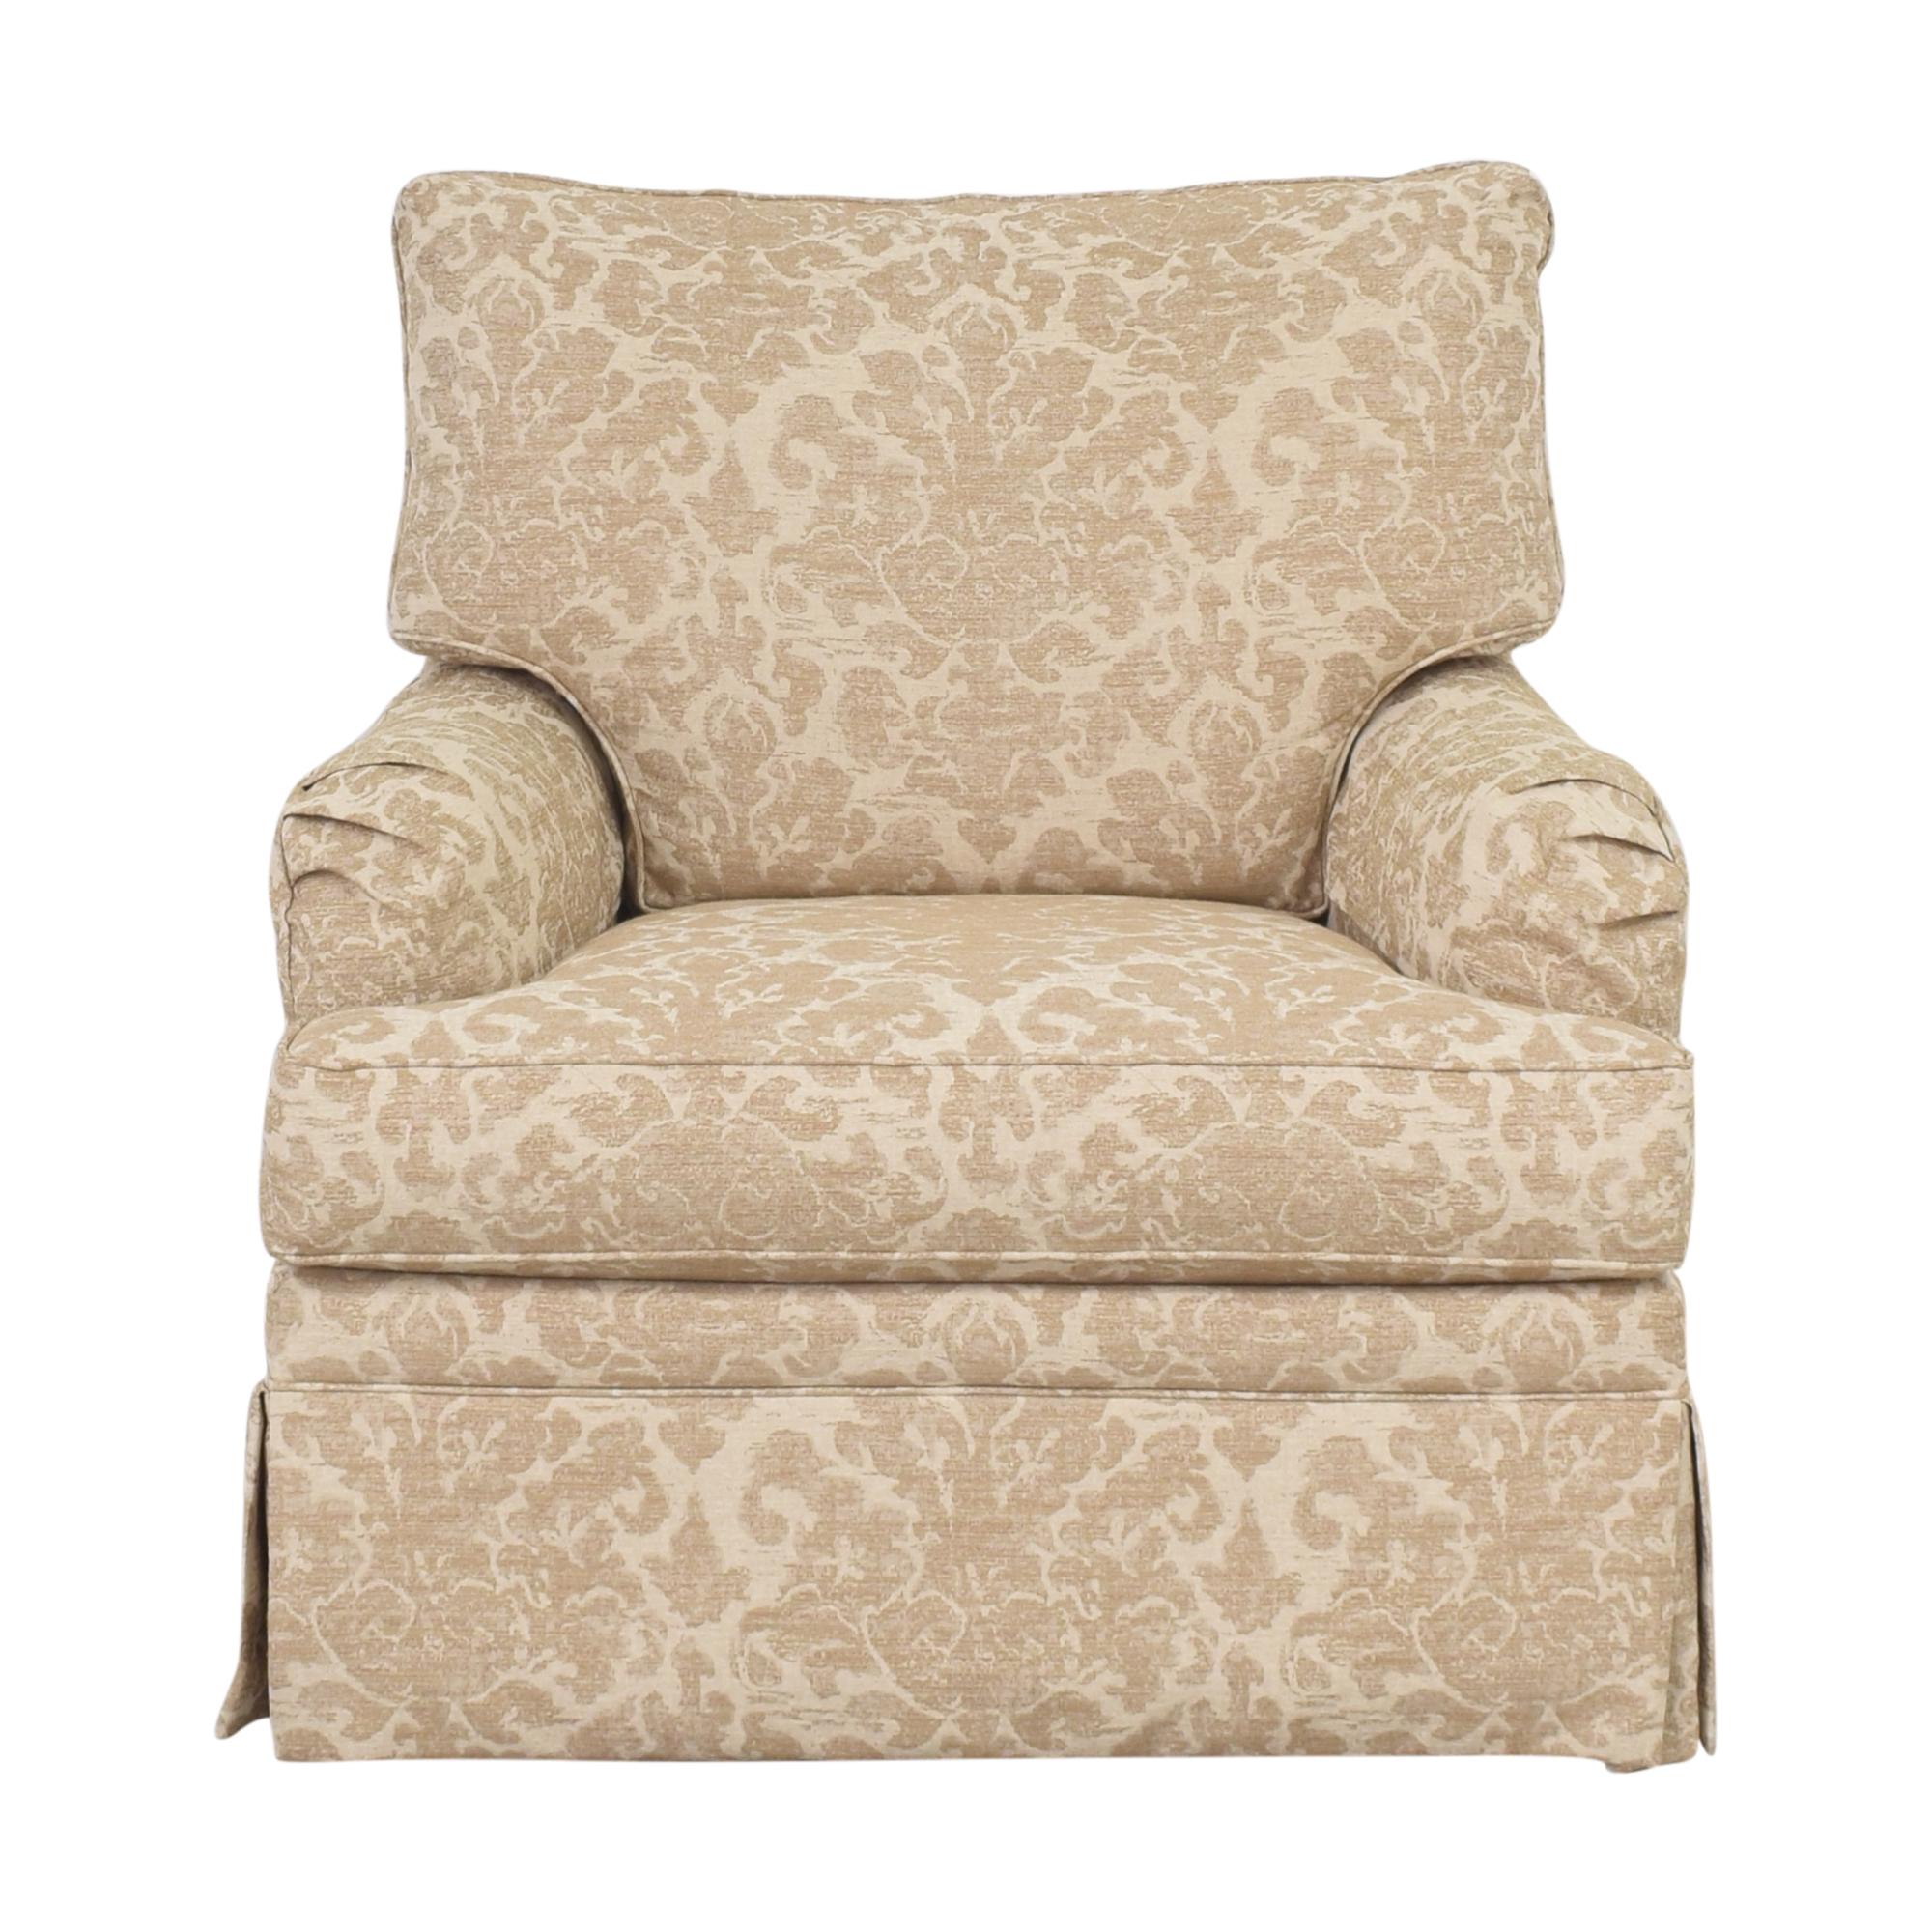 Ethan Allen Ethan Allen Chandler Accent Chair pa